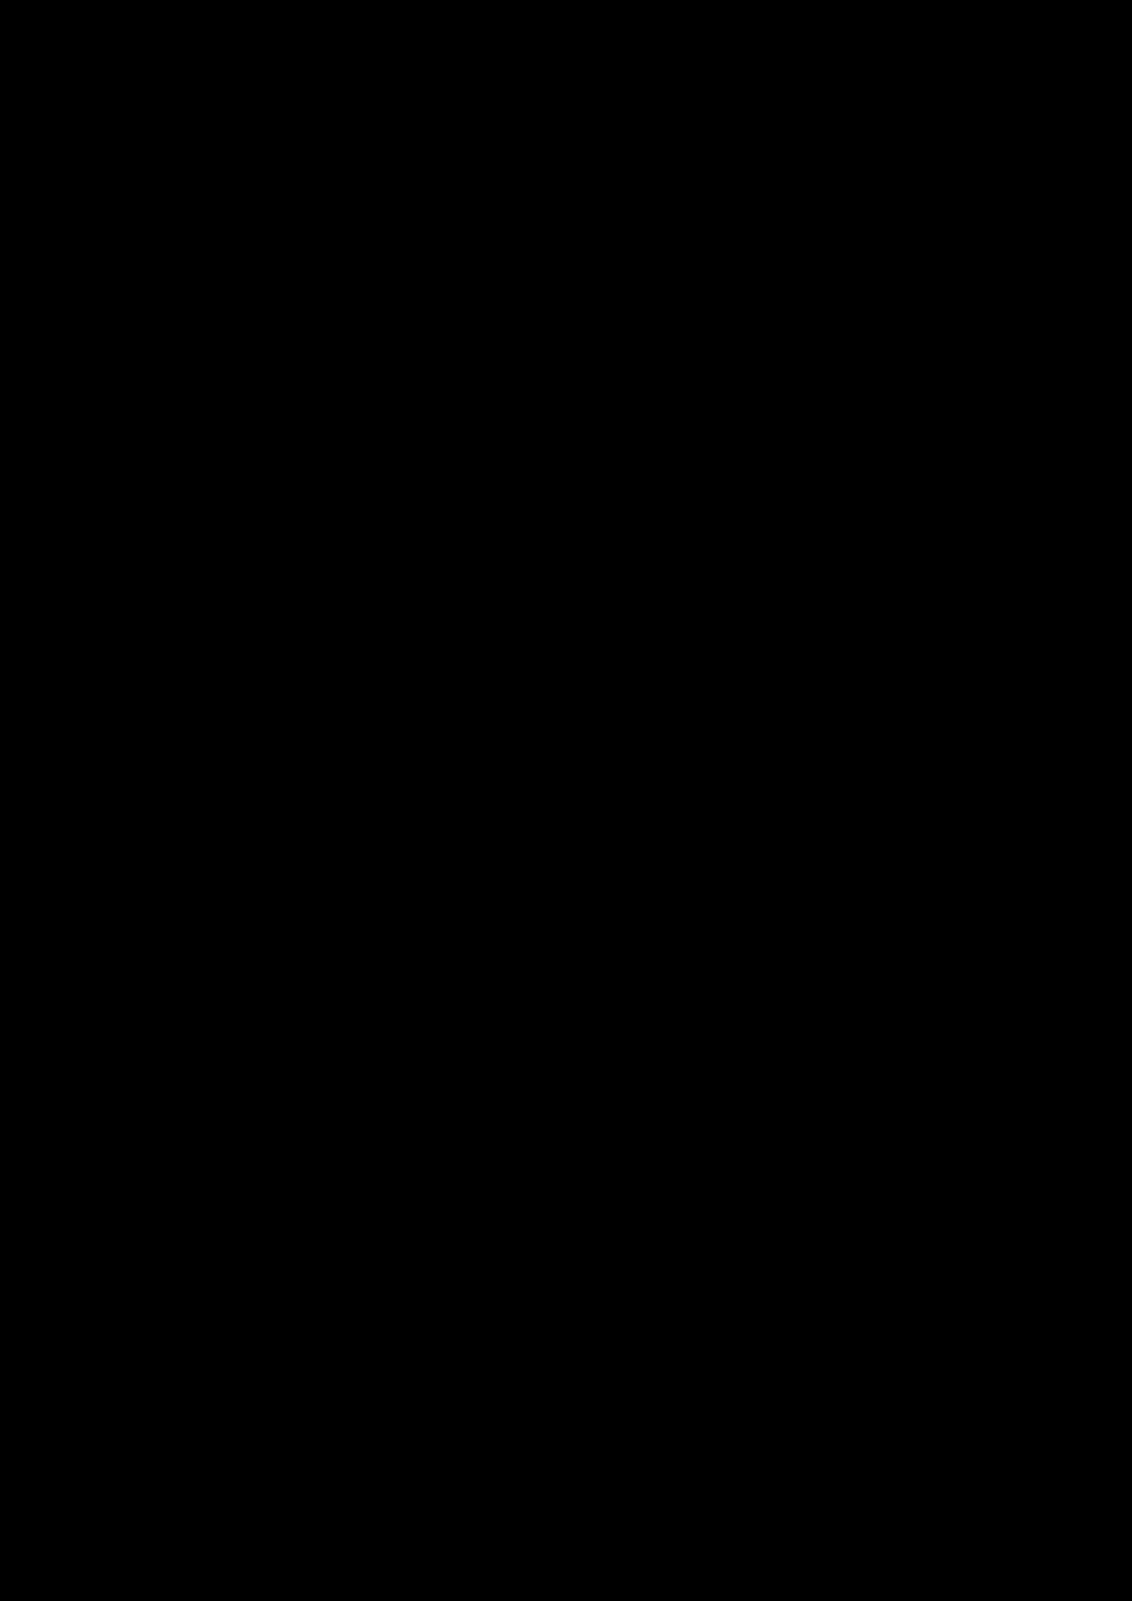 Hools slide, Image 11